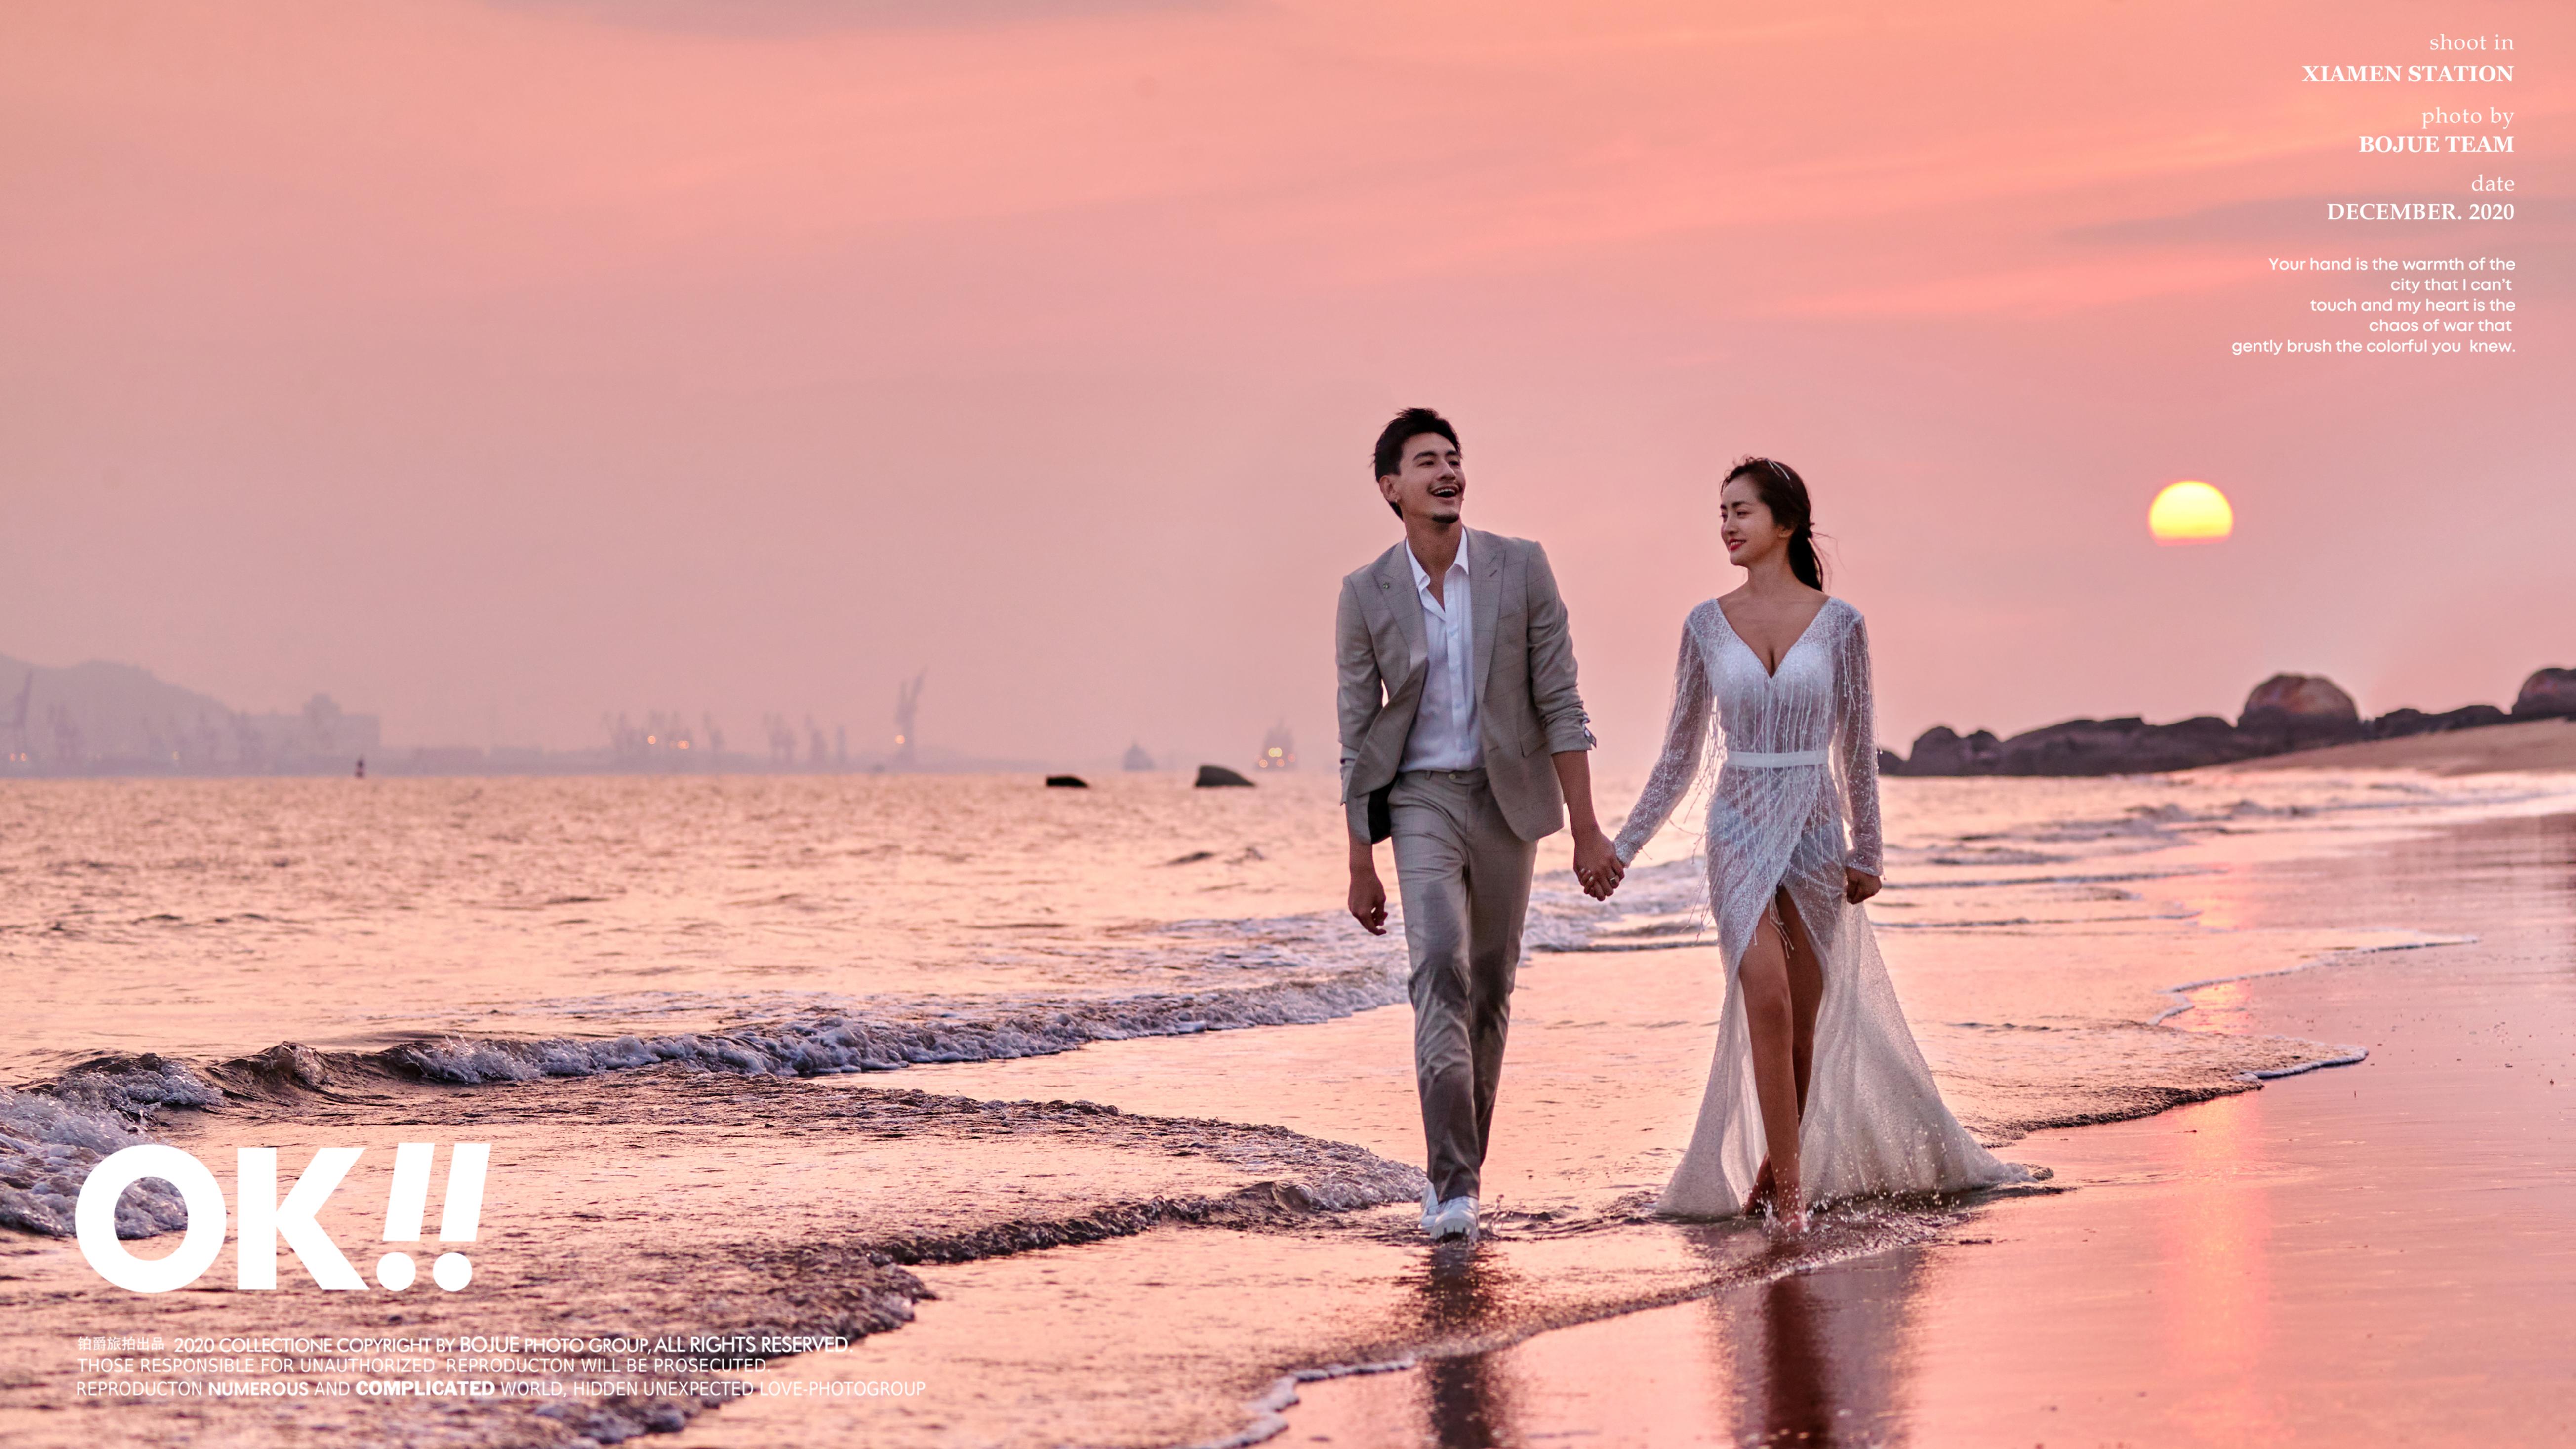 厦门婚纱照 冬季厦门婚纱摄影风格有哪些供大家选择